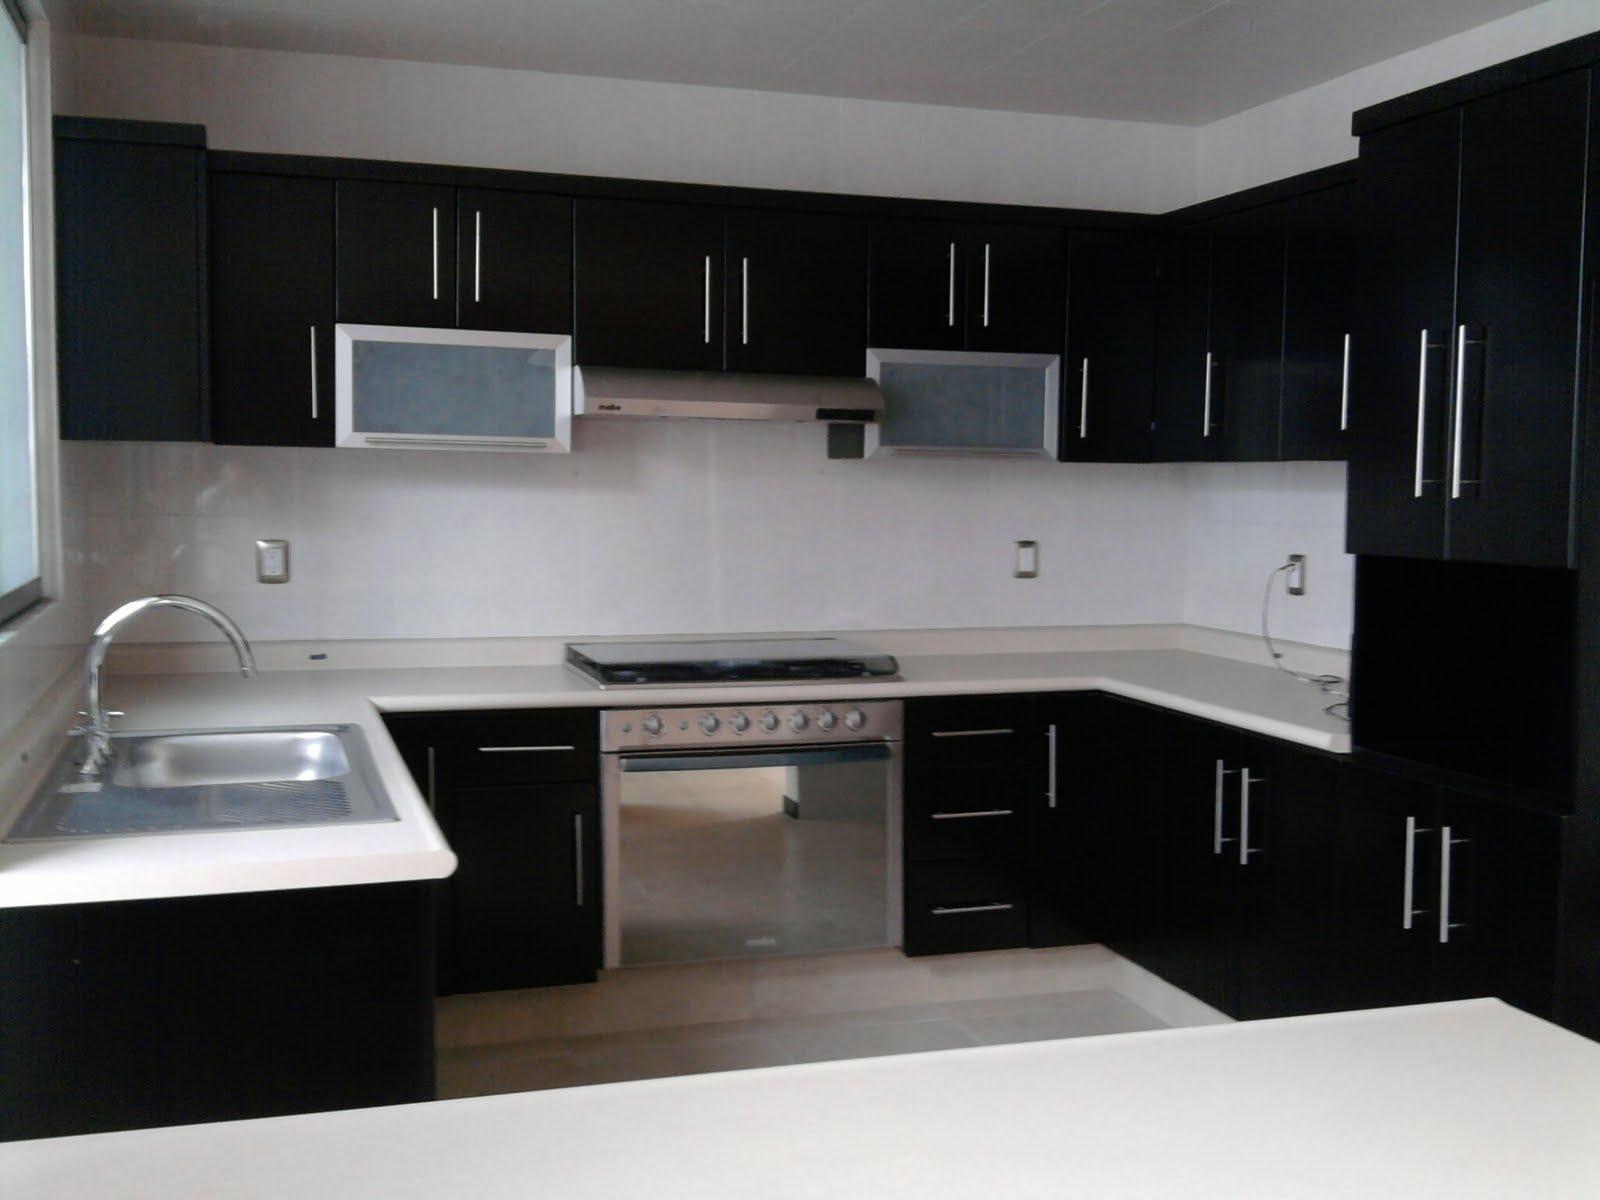 Excelente residencia minimalista comedor y cocina for Disenos de cocinas integrales minimalistas